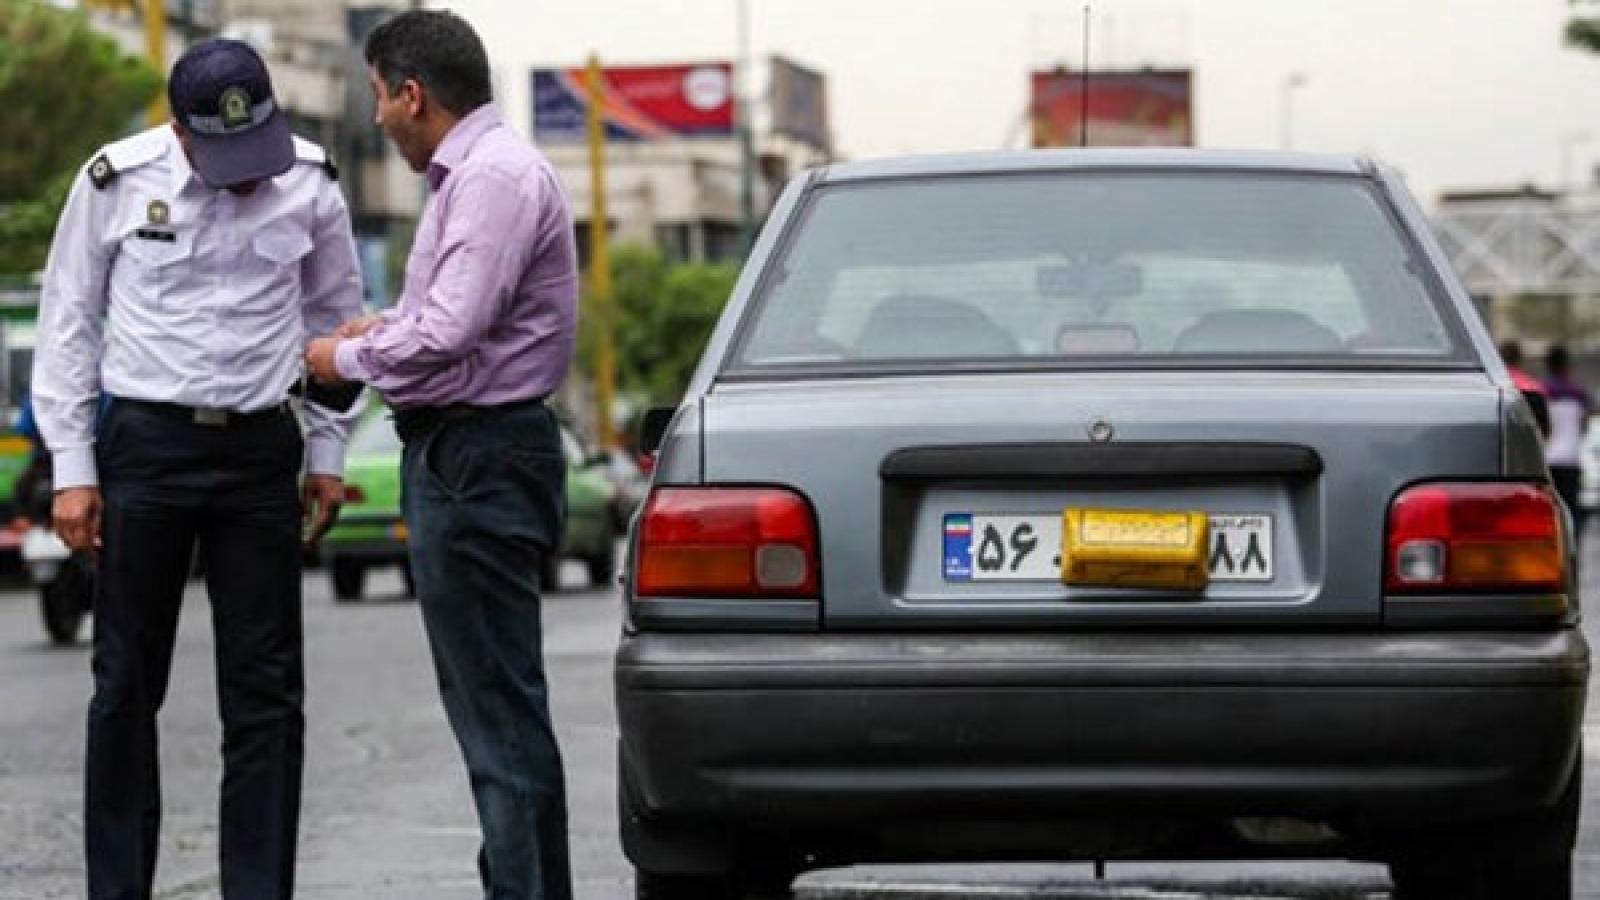 توقیف 6 هزار دستگاه خودروی پلاک مخدوش در تهران - اجاره خودرو طباطبایی